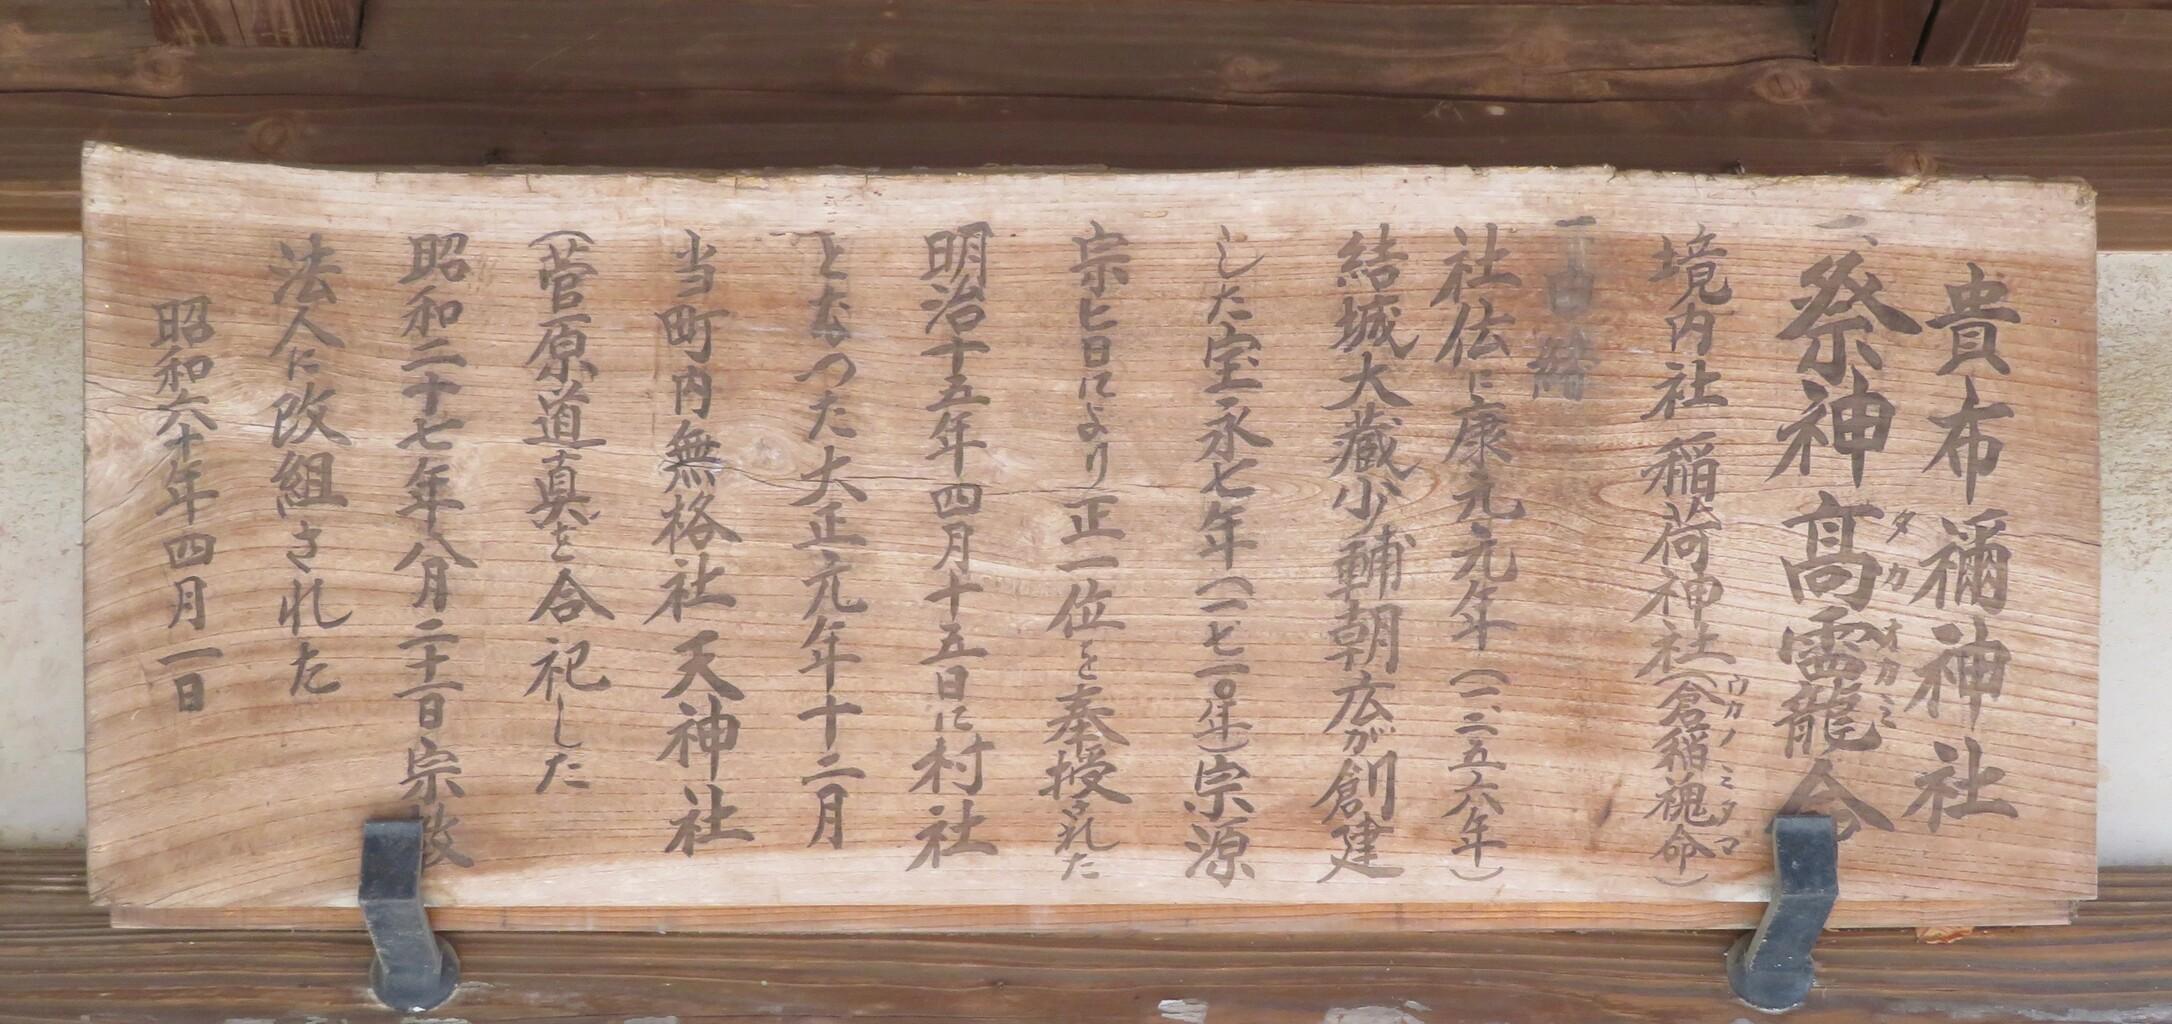 貴船神社由緒書き